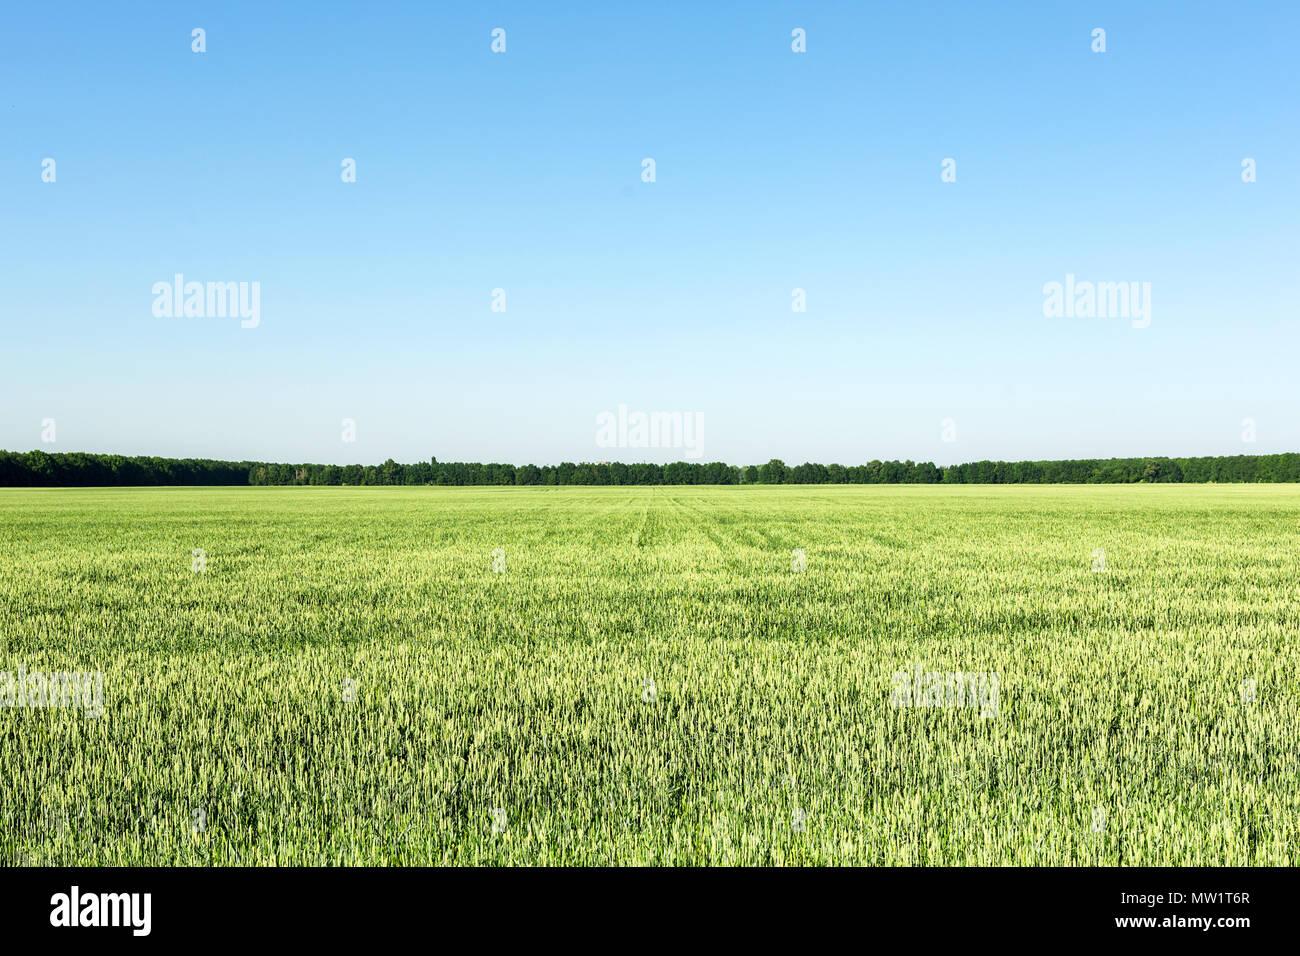 Terreno agrícola con jóvenes de las plantas de trigo verde. El azul claro del cielo sin nubes sobre el fondo. La igualdad de dividir la imagen. El paisaje natural en día soleado Imagen De Stock